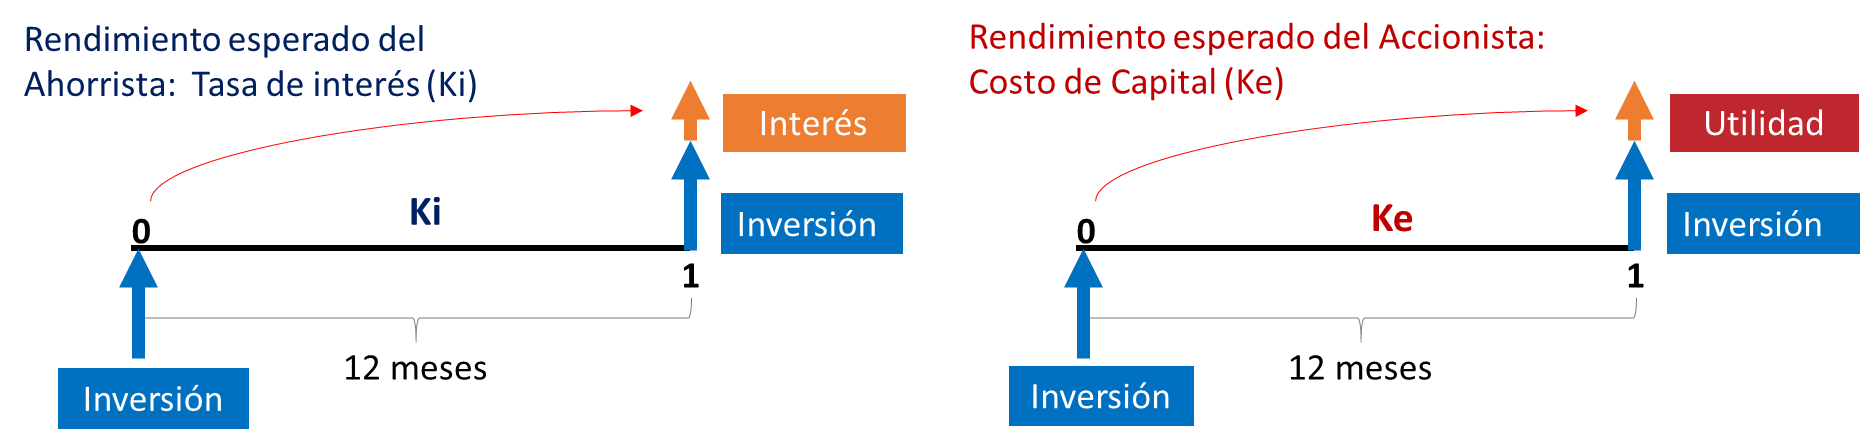 imagen 1 (1)